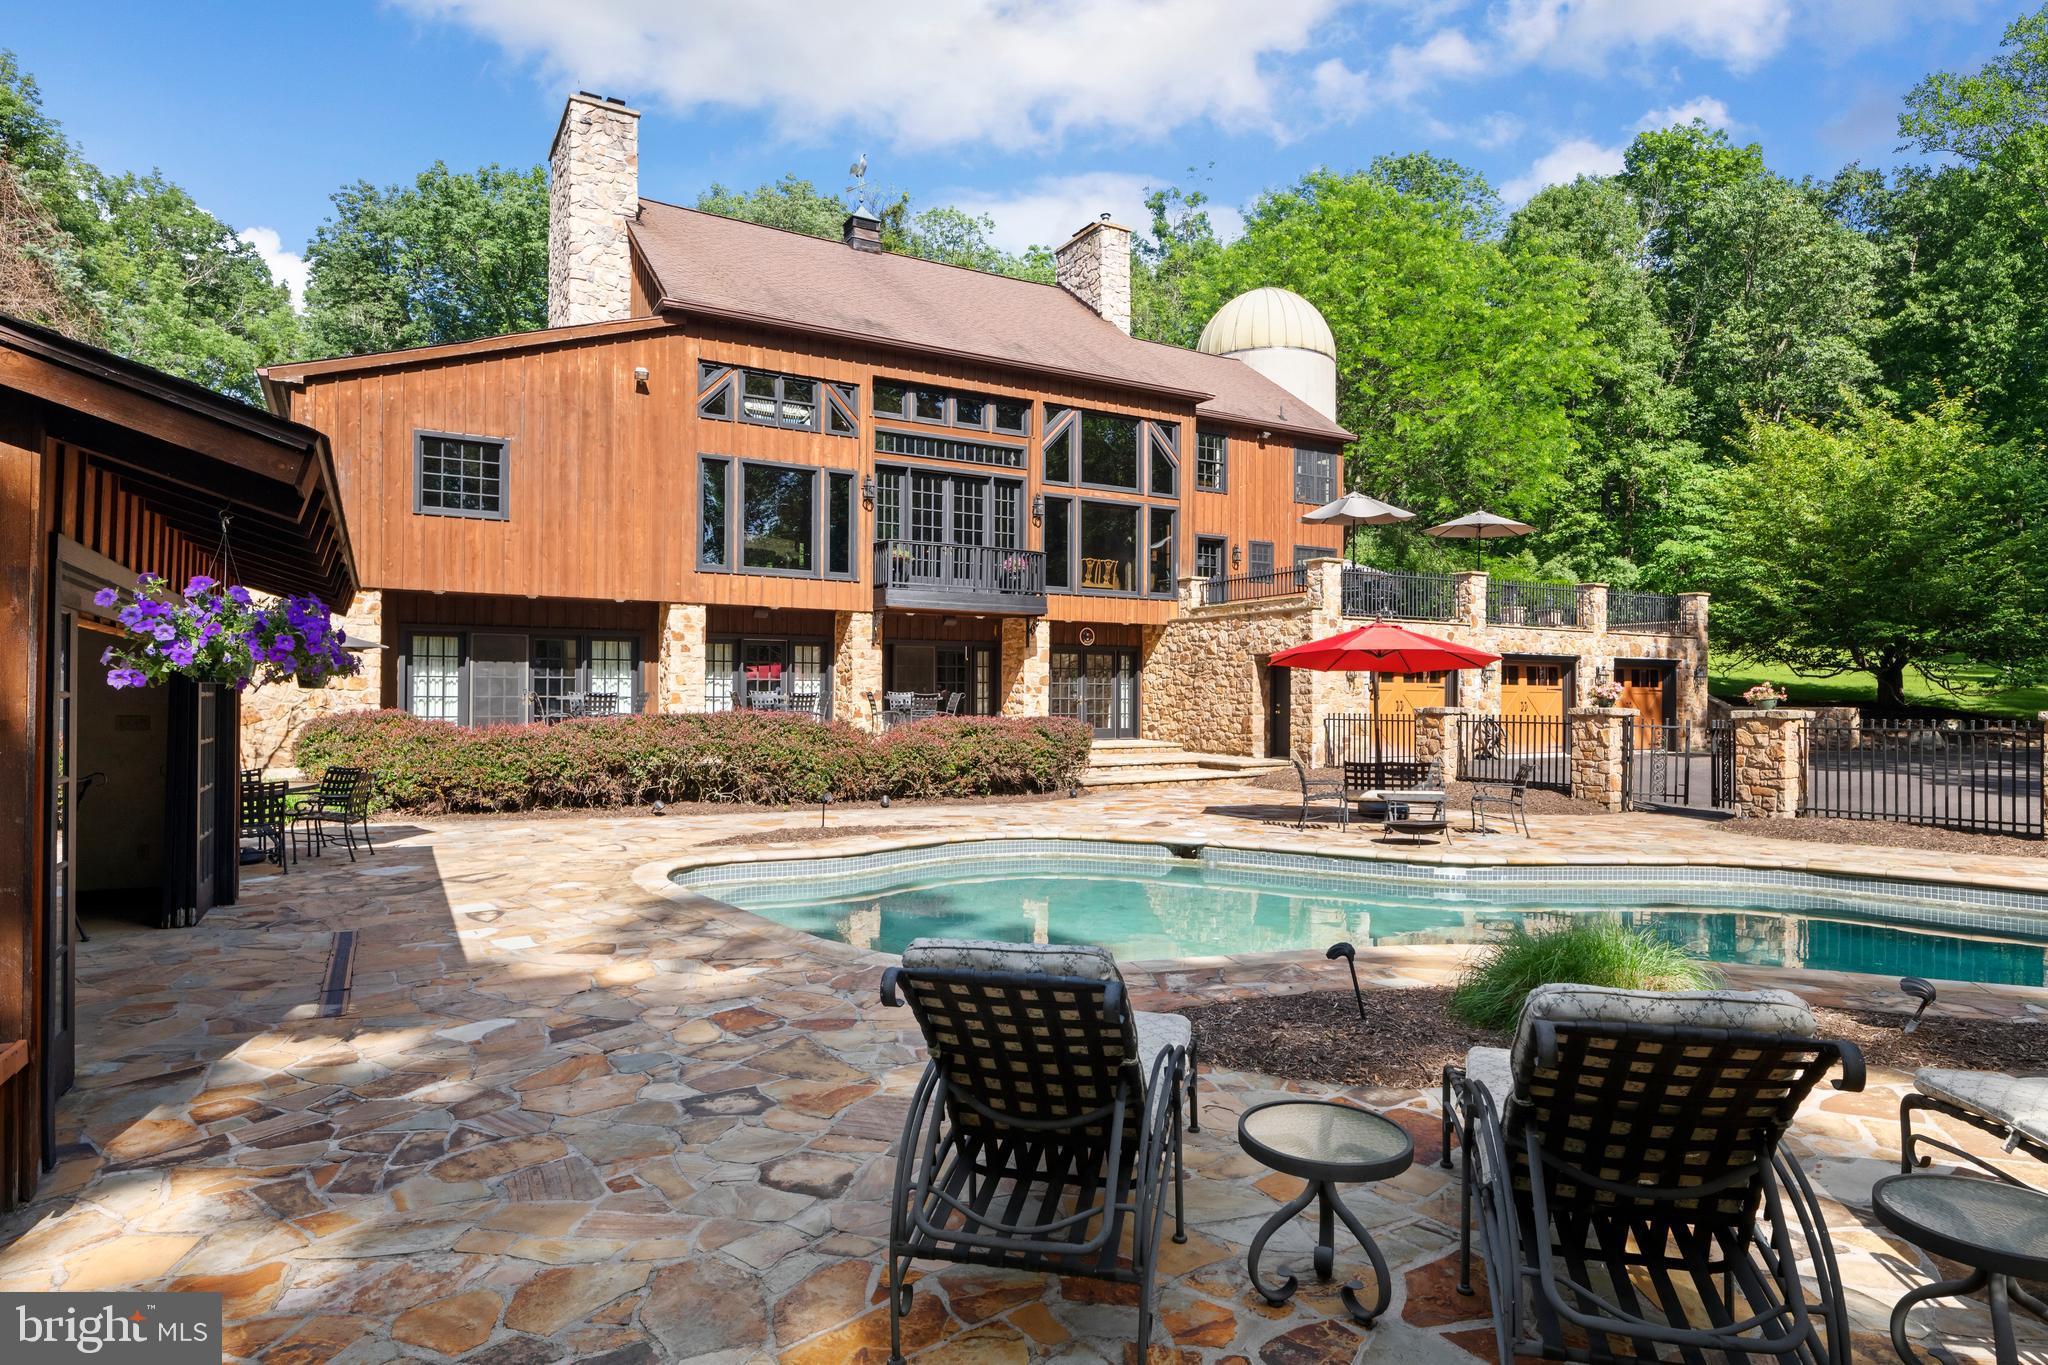 Exterior resort like pool area